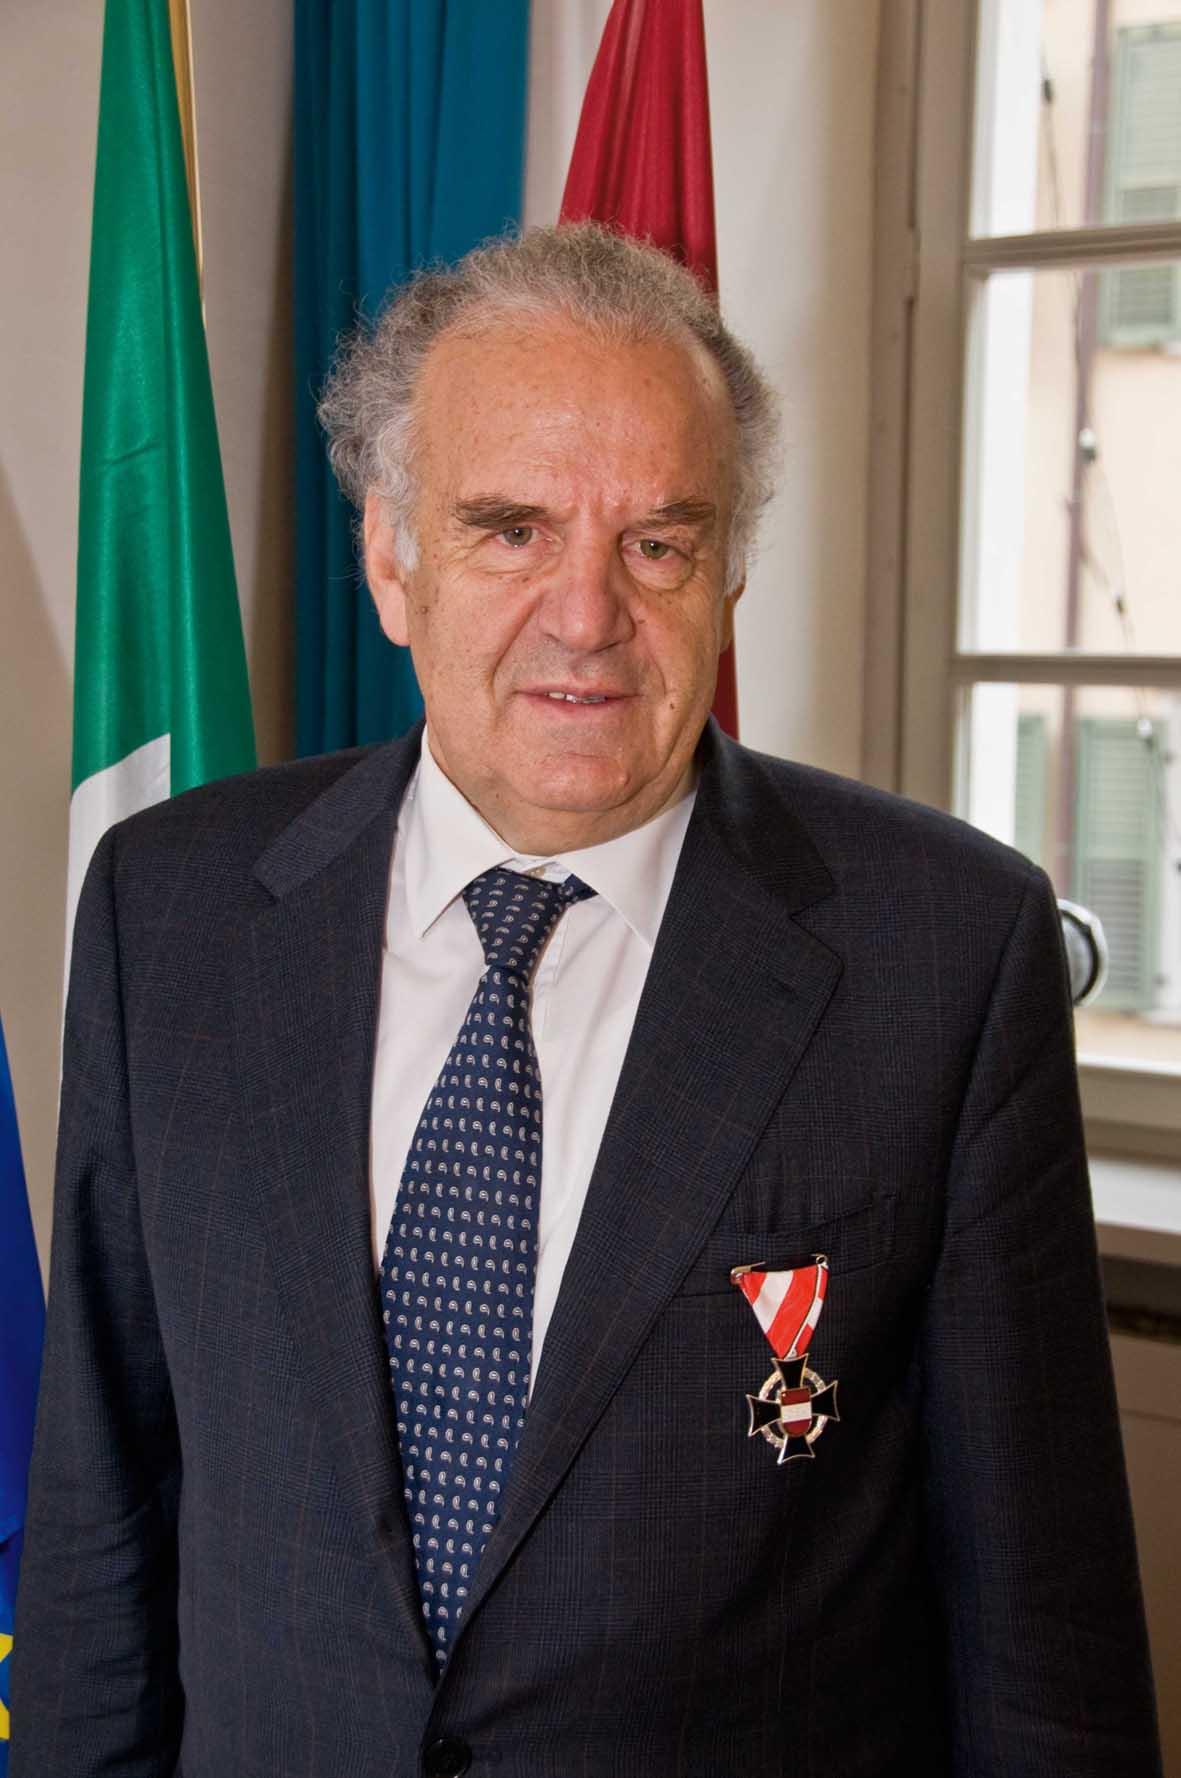 Claudio Eccher